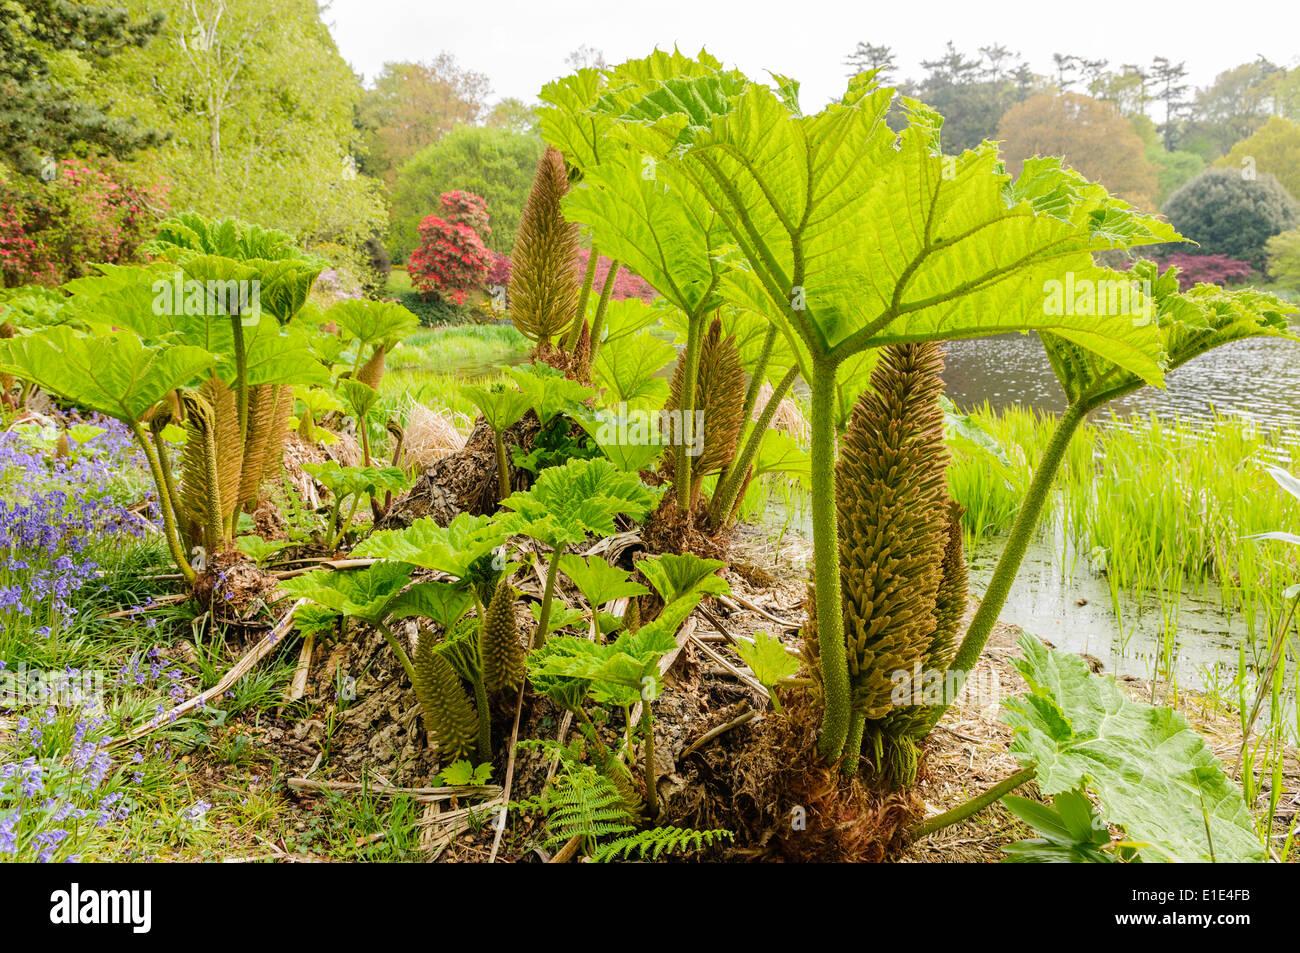 Gunnera plants in flower beside a lake Stock Photo 69767023 Alamy